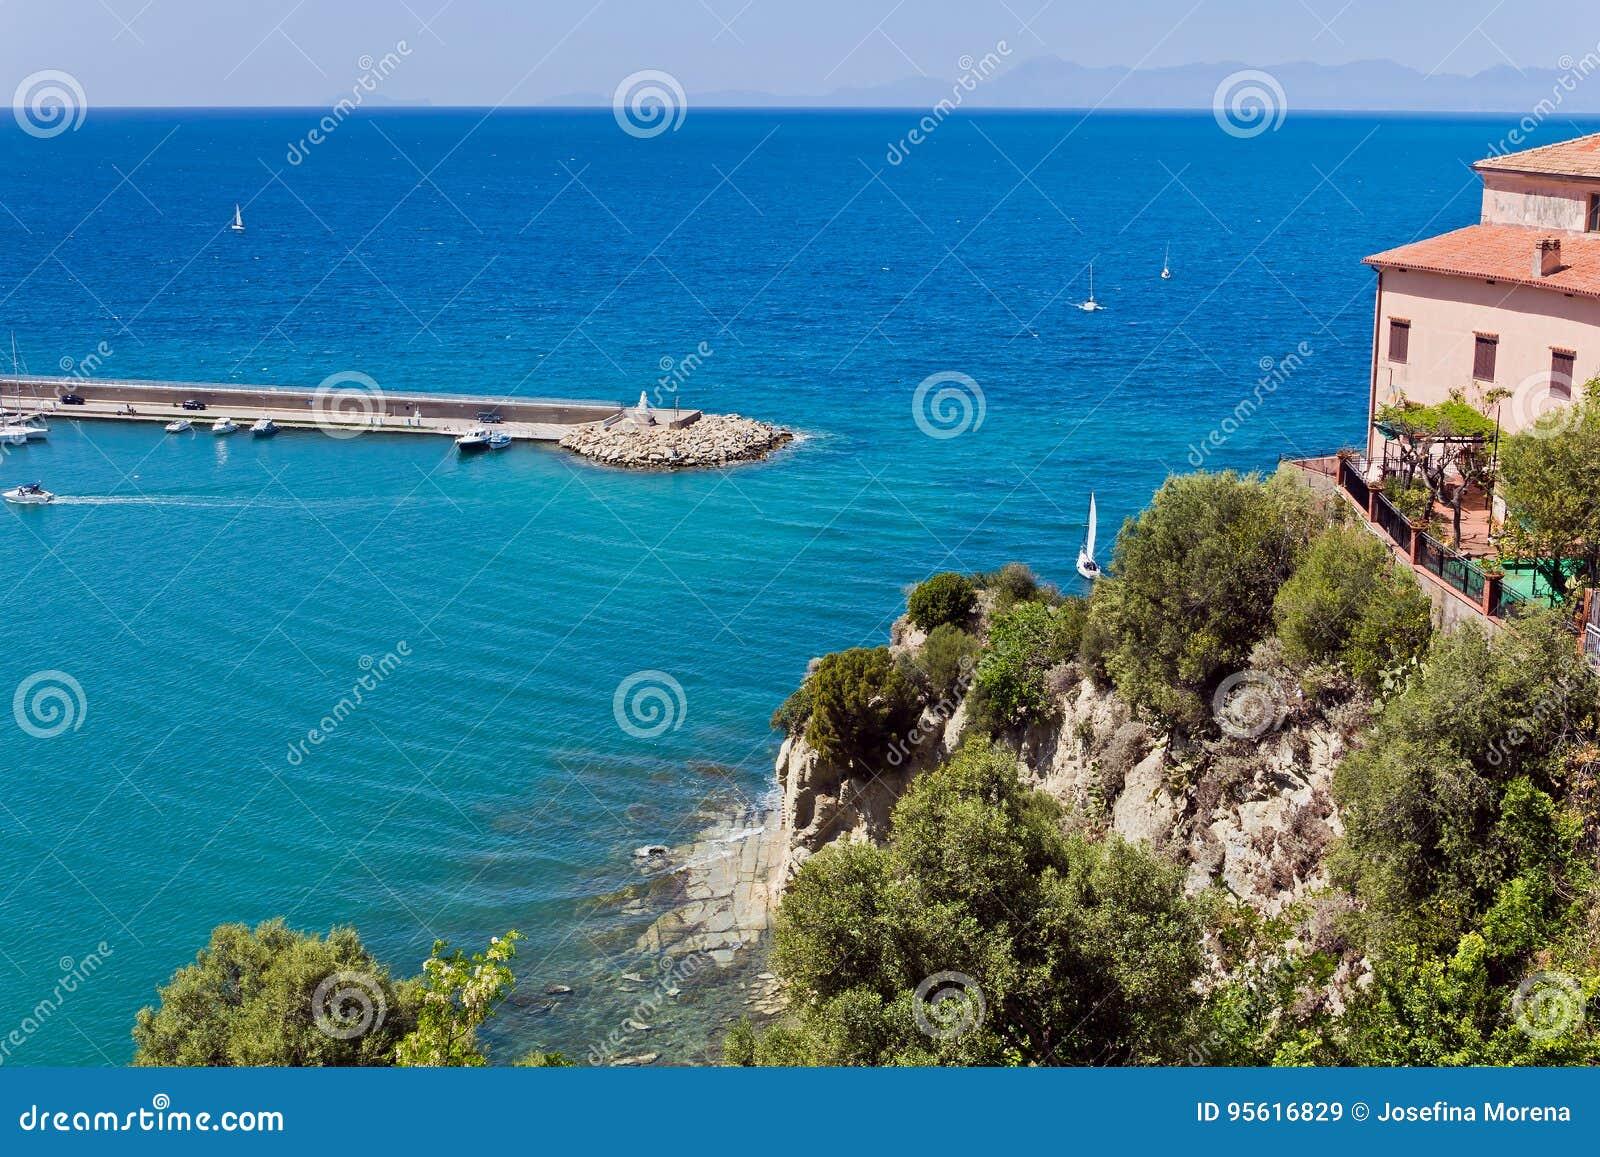 Porto di Agropoli, Salerno